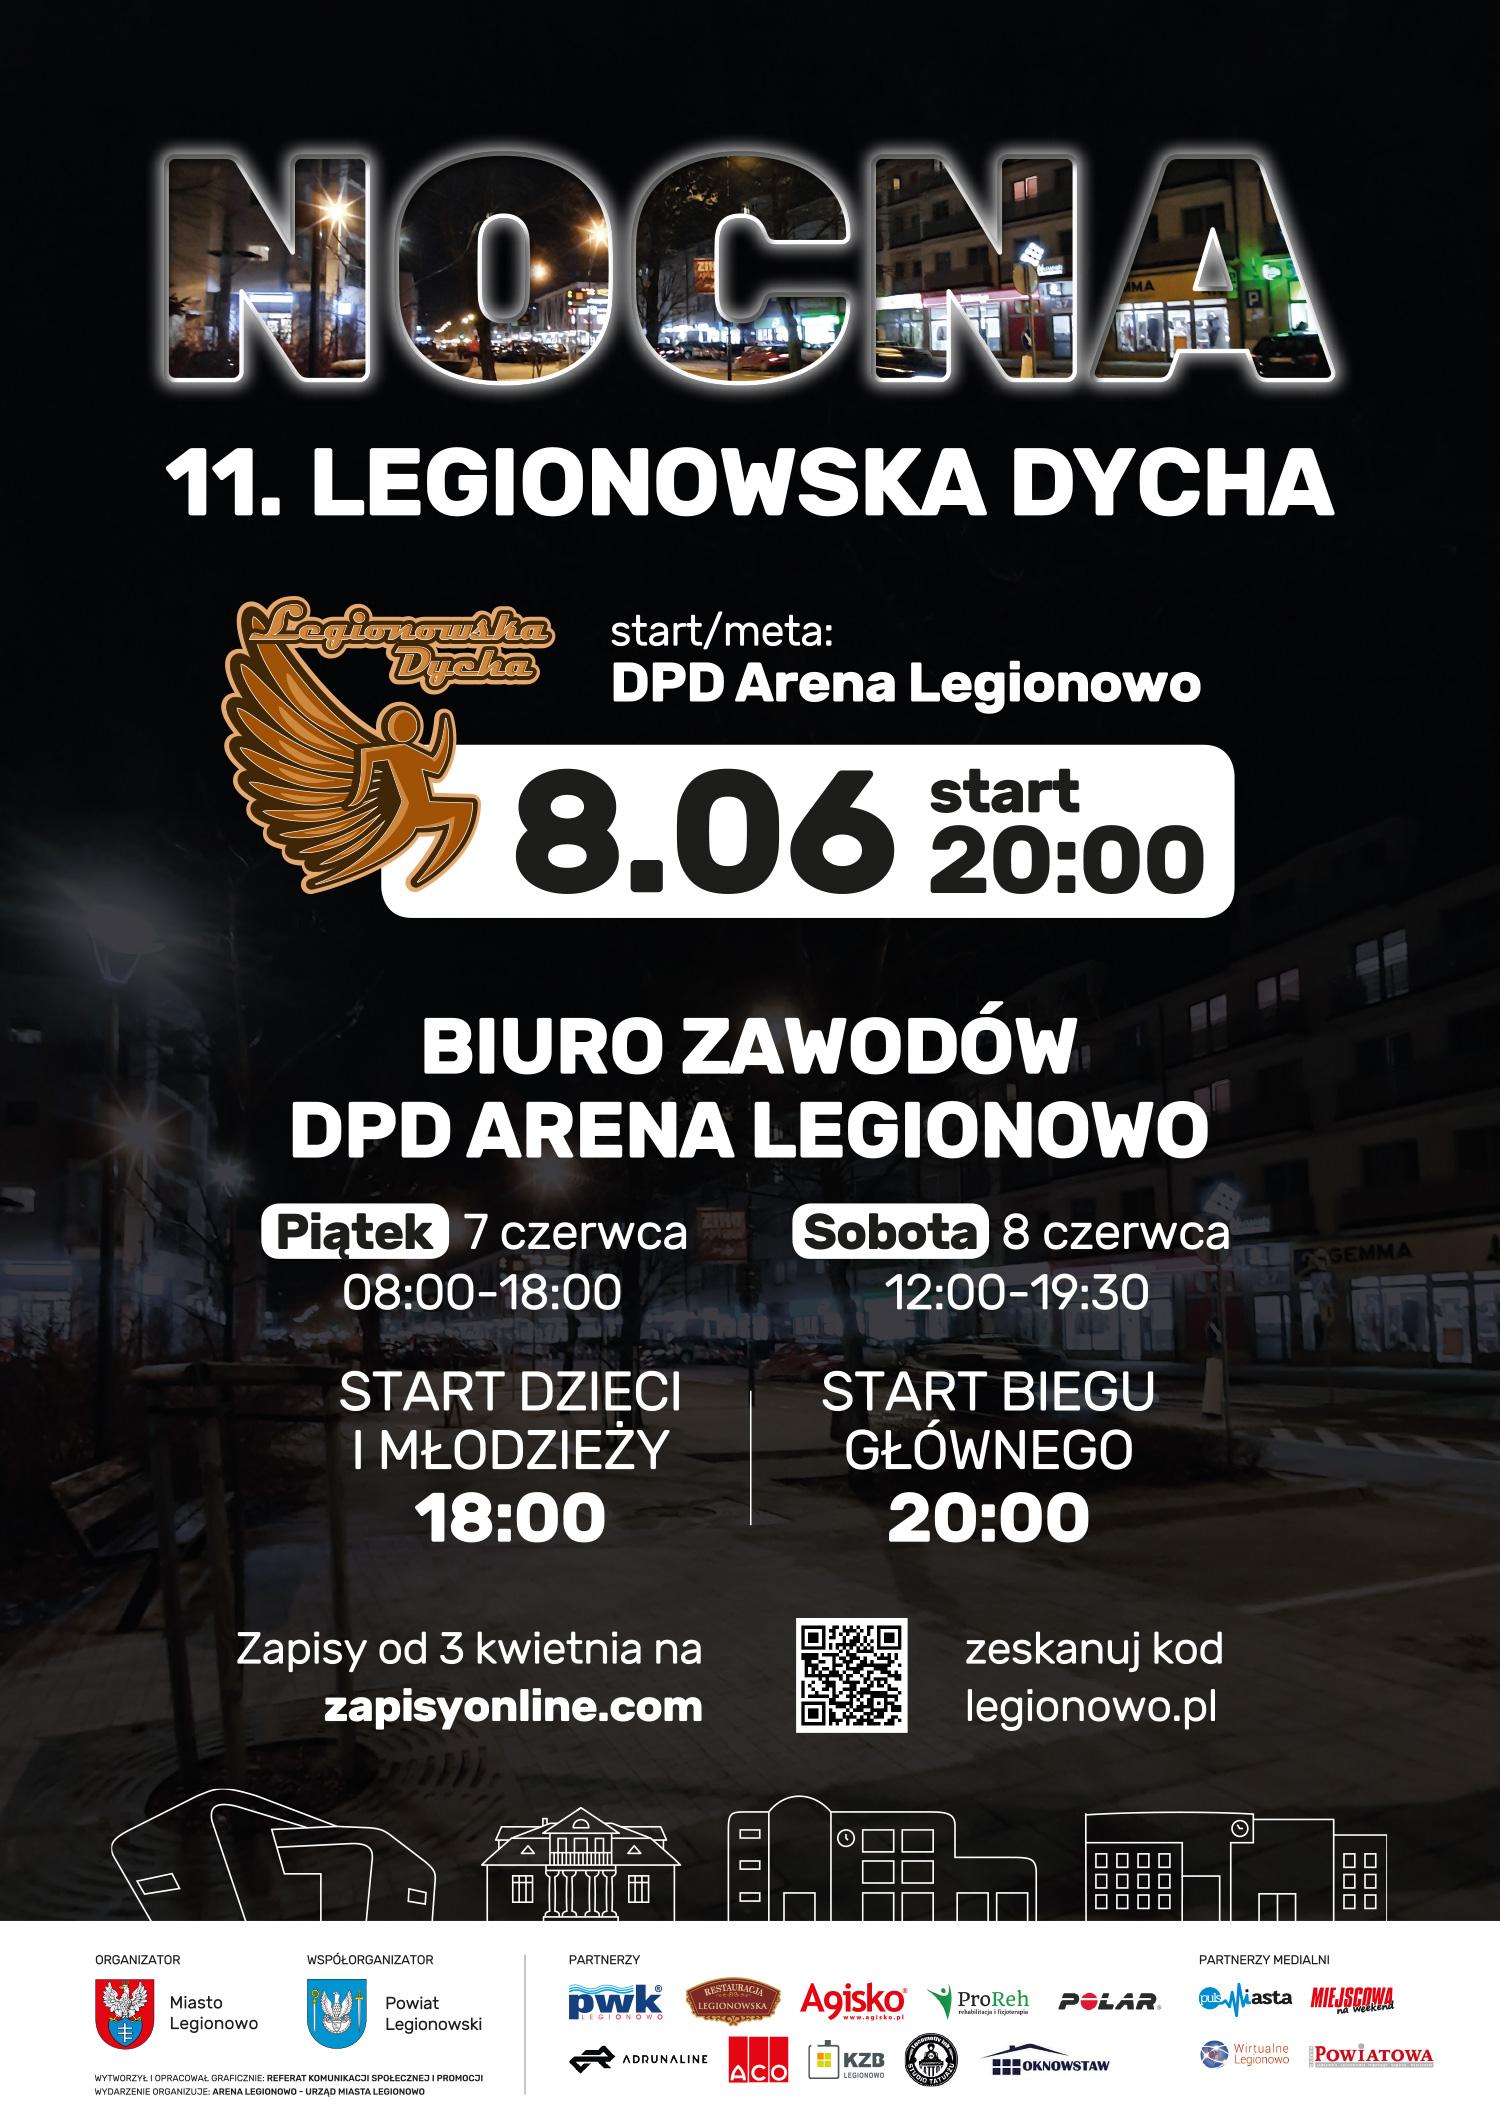 Nocna 11 Legionowska Dycha